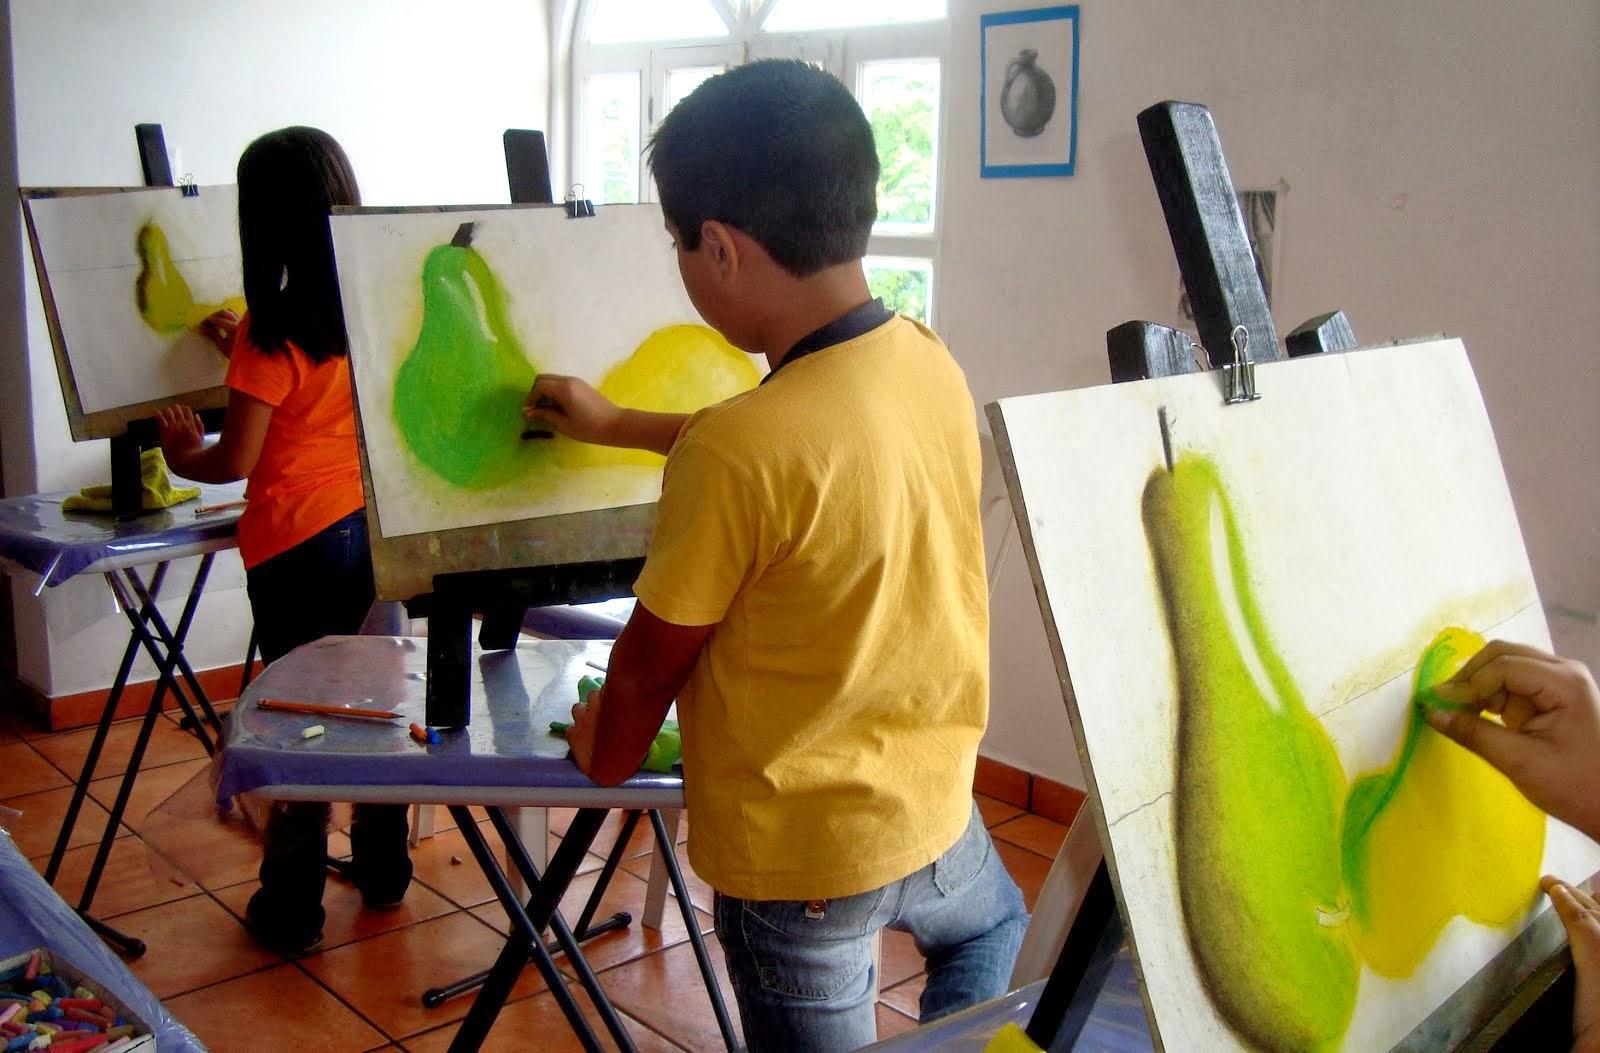 Creando artistas clases de dibujo y pintura en veracruz - Donde estudiar pintura ...